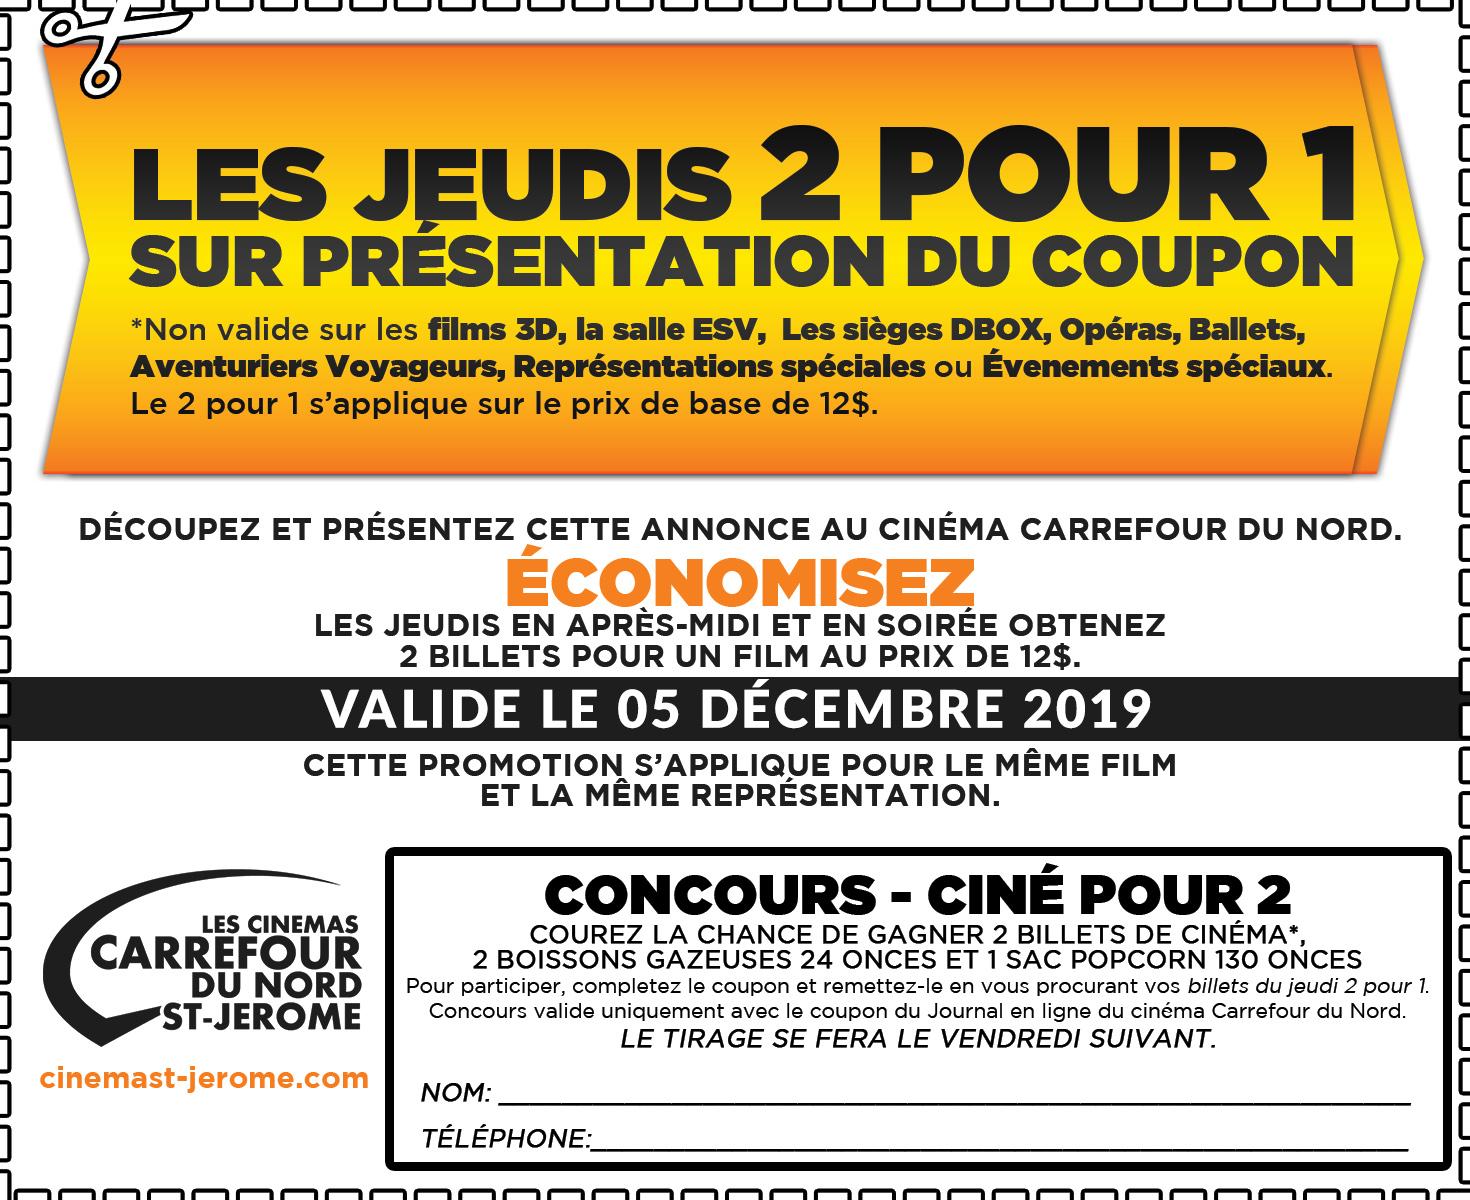 coupon-2-pour-1-cinema-carrefour-du-nord